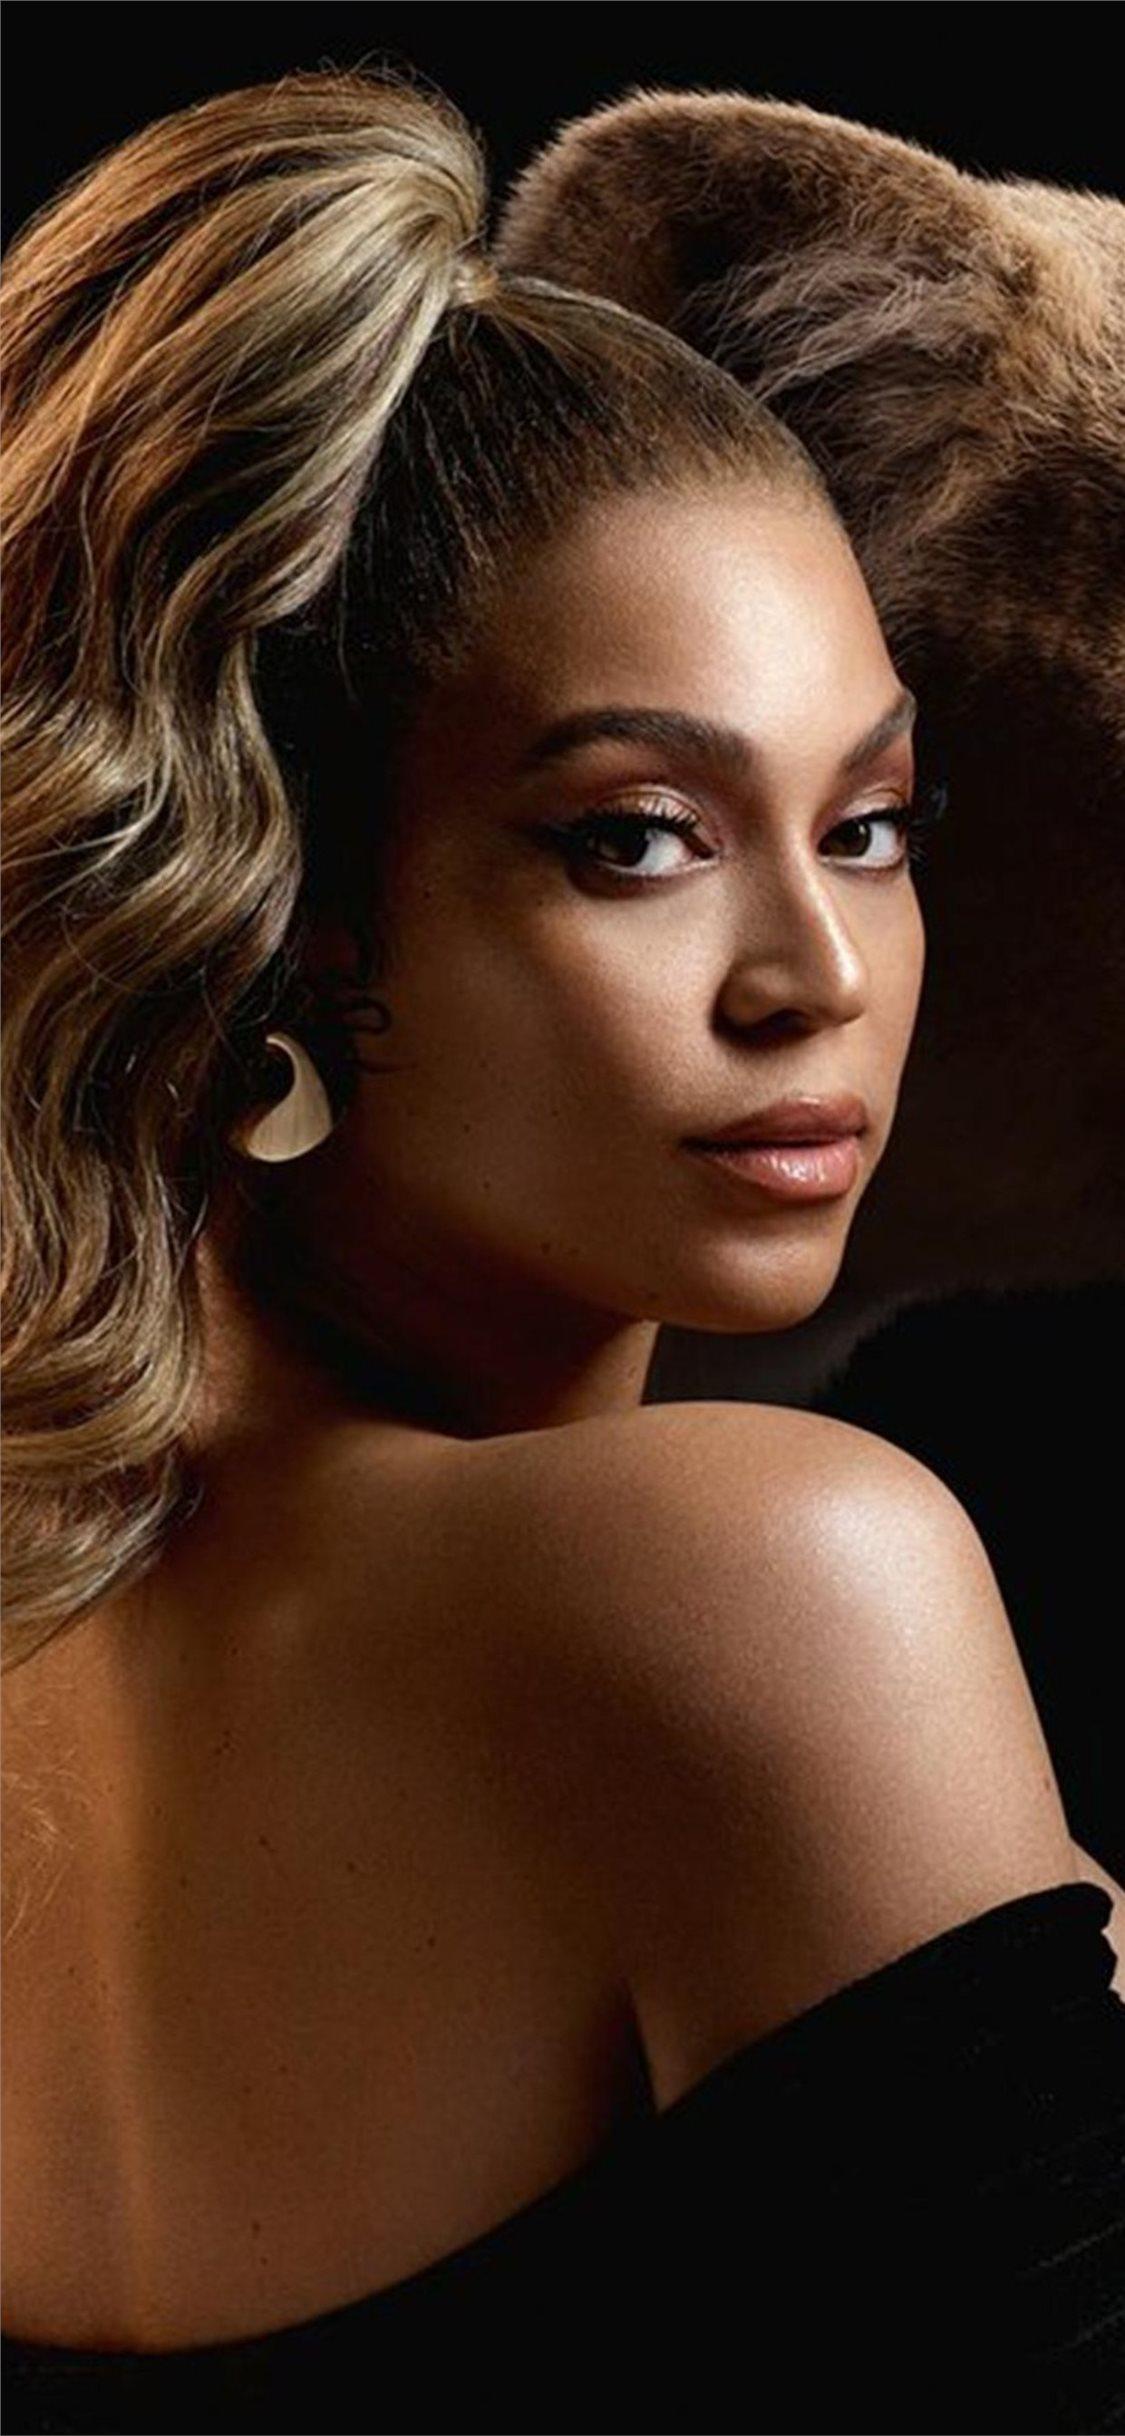 Beyoncé The Lion King 2019 , HD Wallpaper & Backgrounds